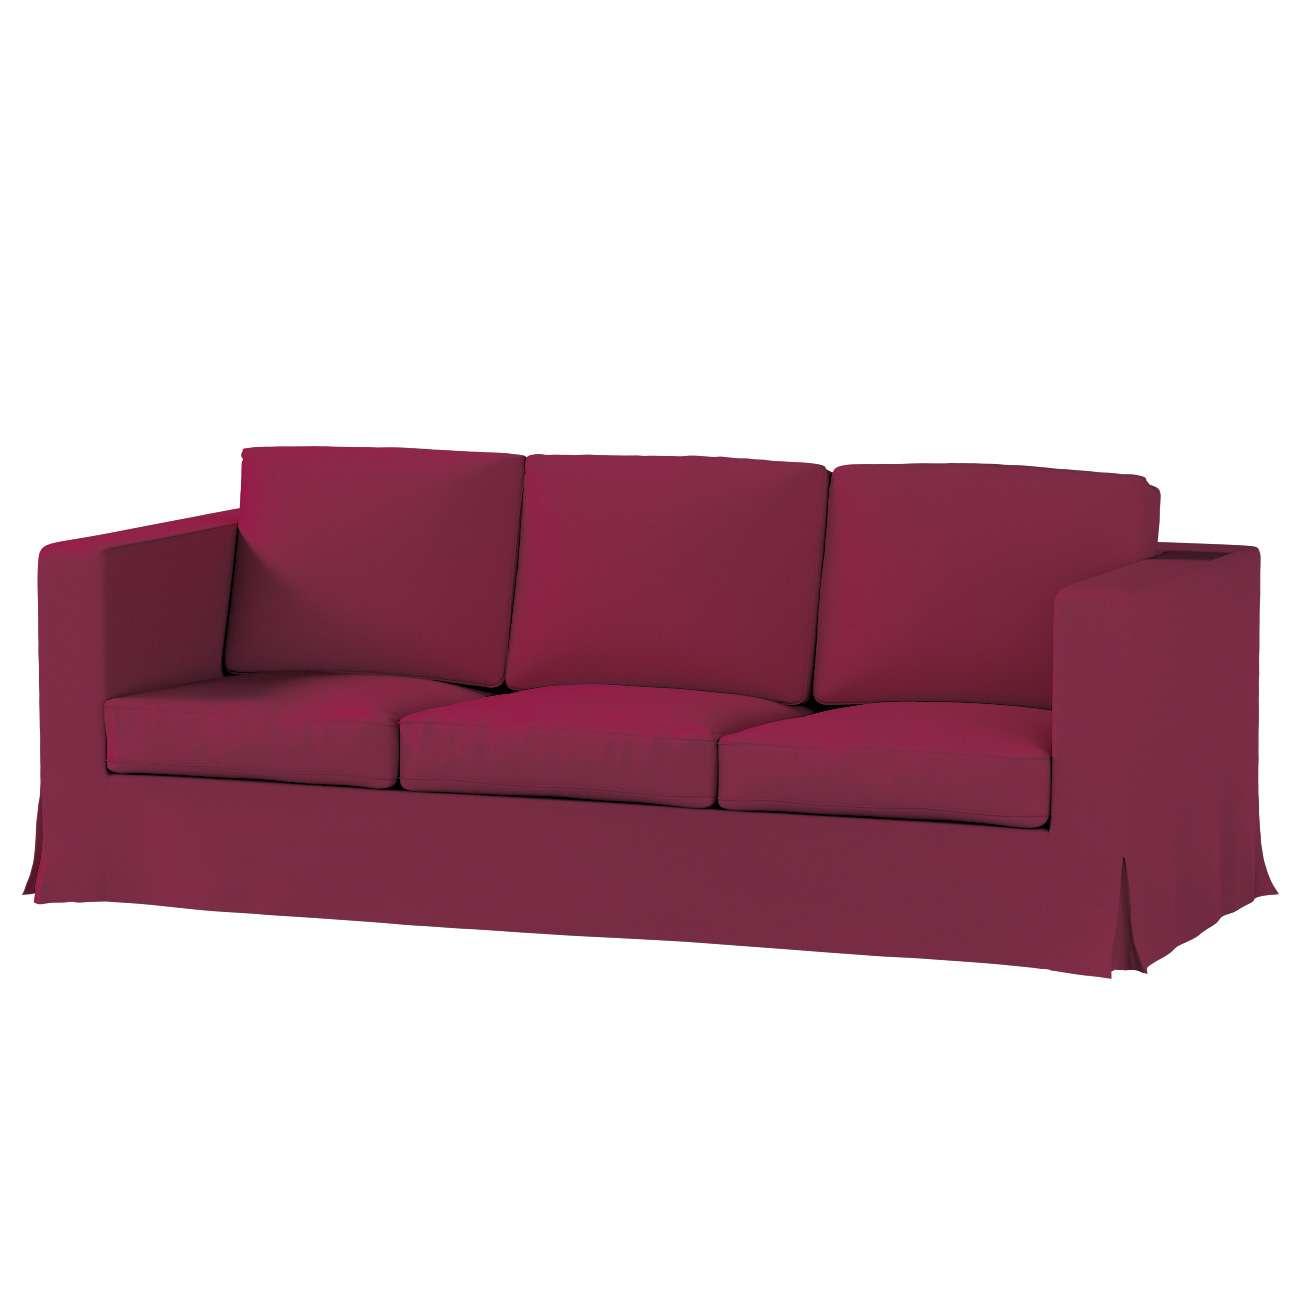 KARLANDA trivietės sofos iki žemės užvalkalas KARLANDA trivietės sofos iki žemės užvalkalas kolekcijoje Cotton Panama, audinys: 702-32